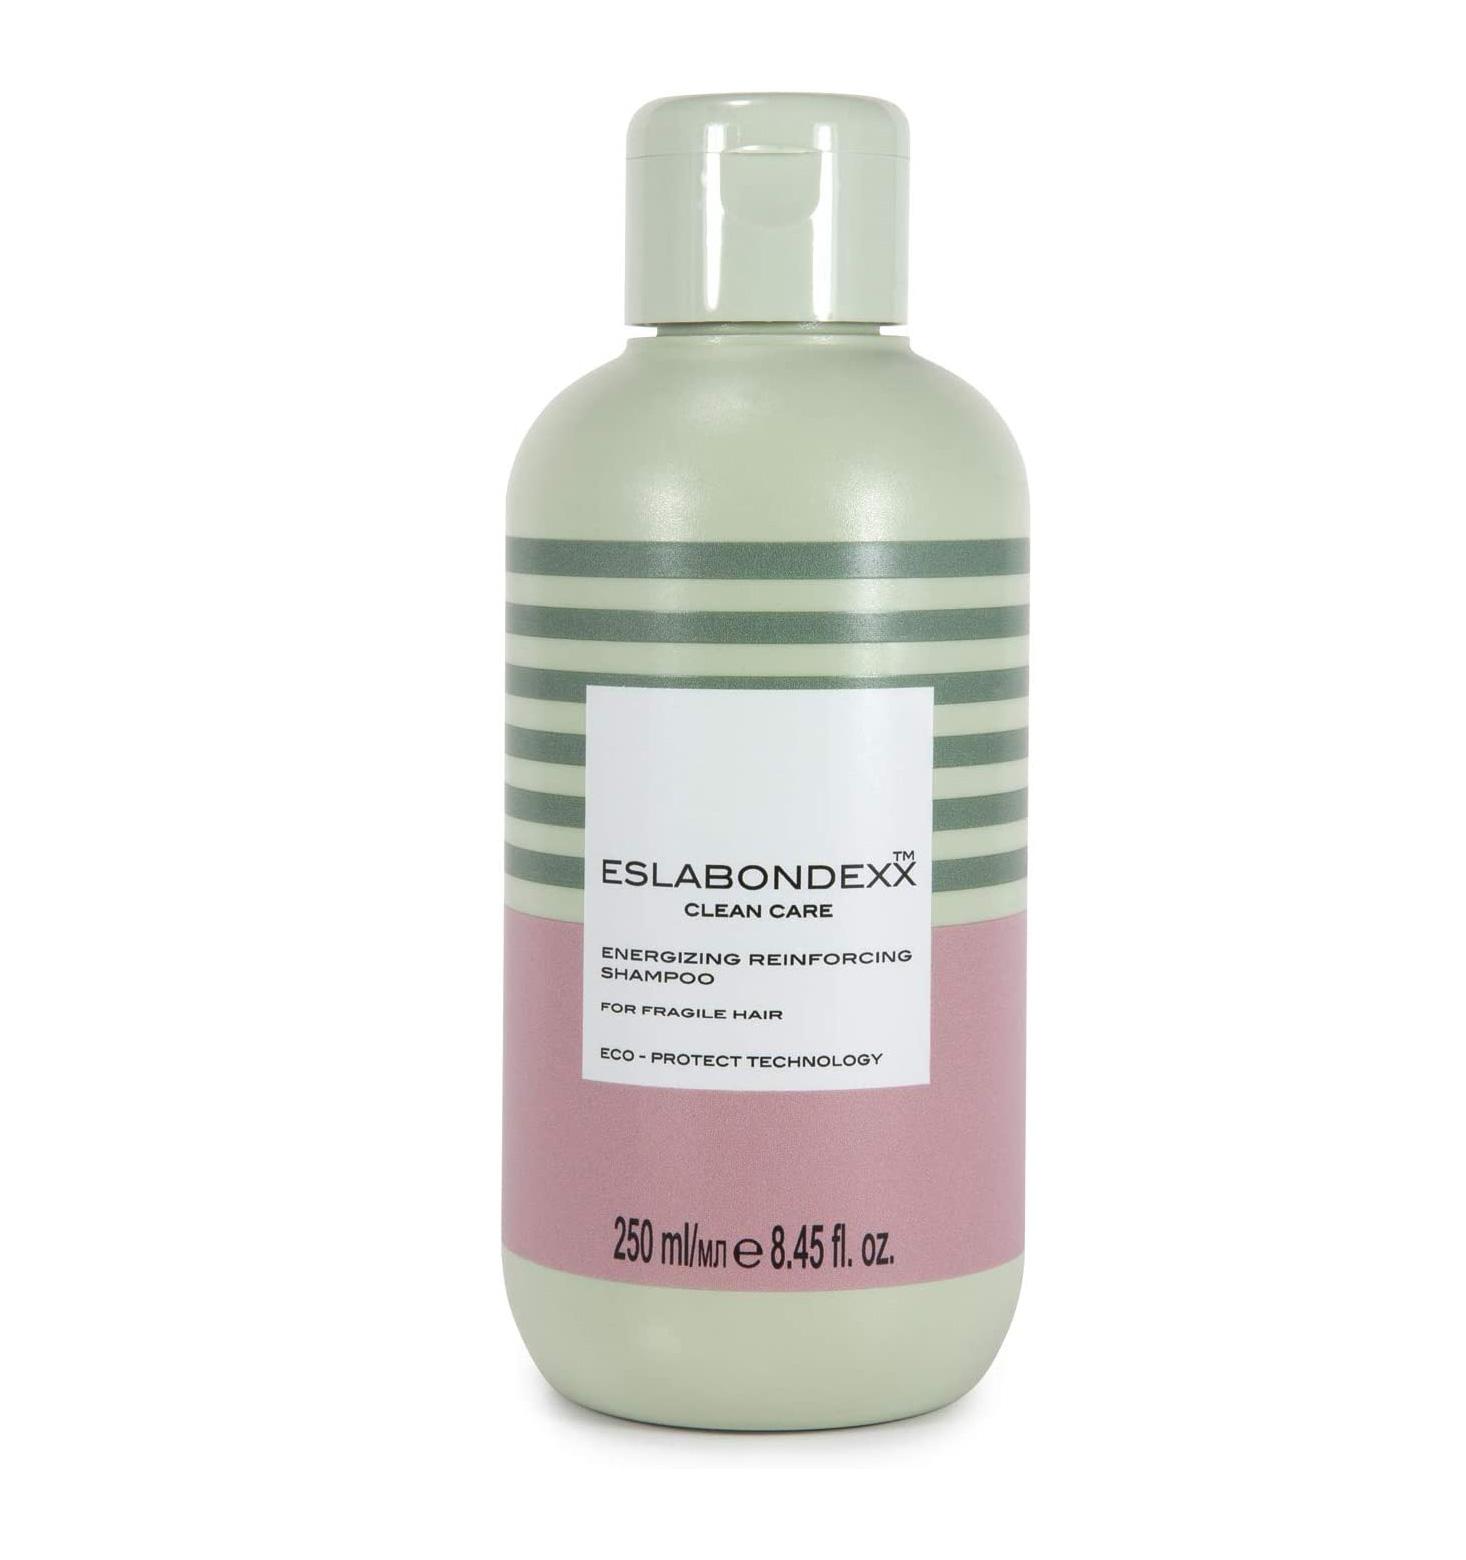 ESLABONDEXX™ Clean Care Shampoo - vyživujúci a posilňujúci šampón, 250 ml